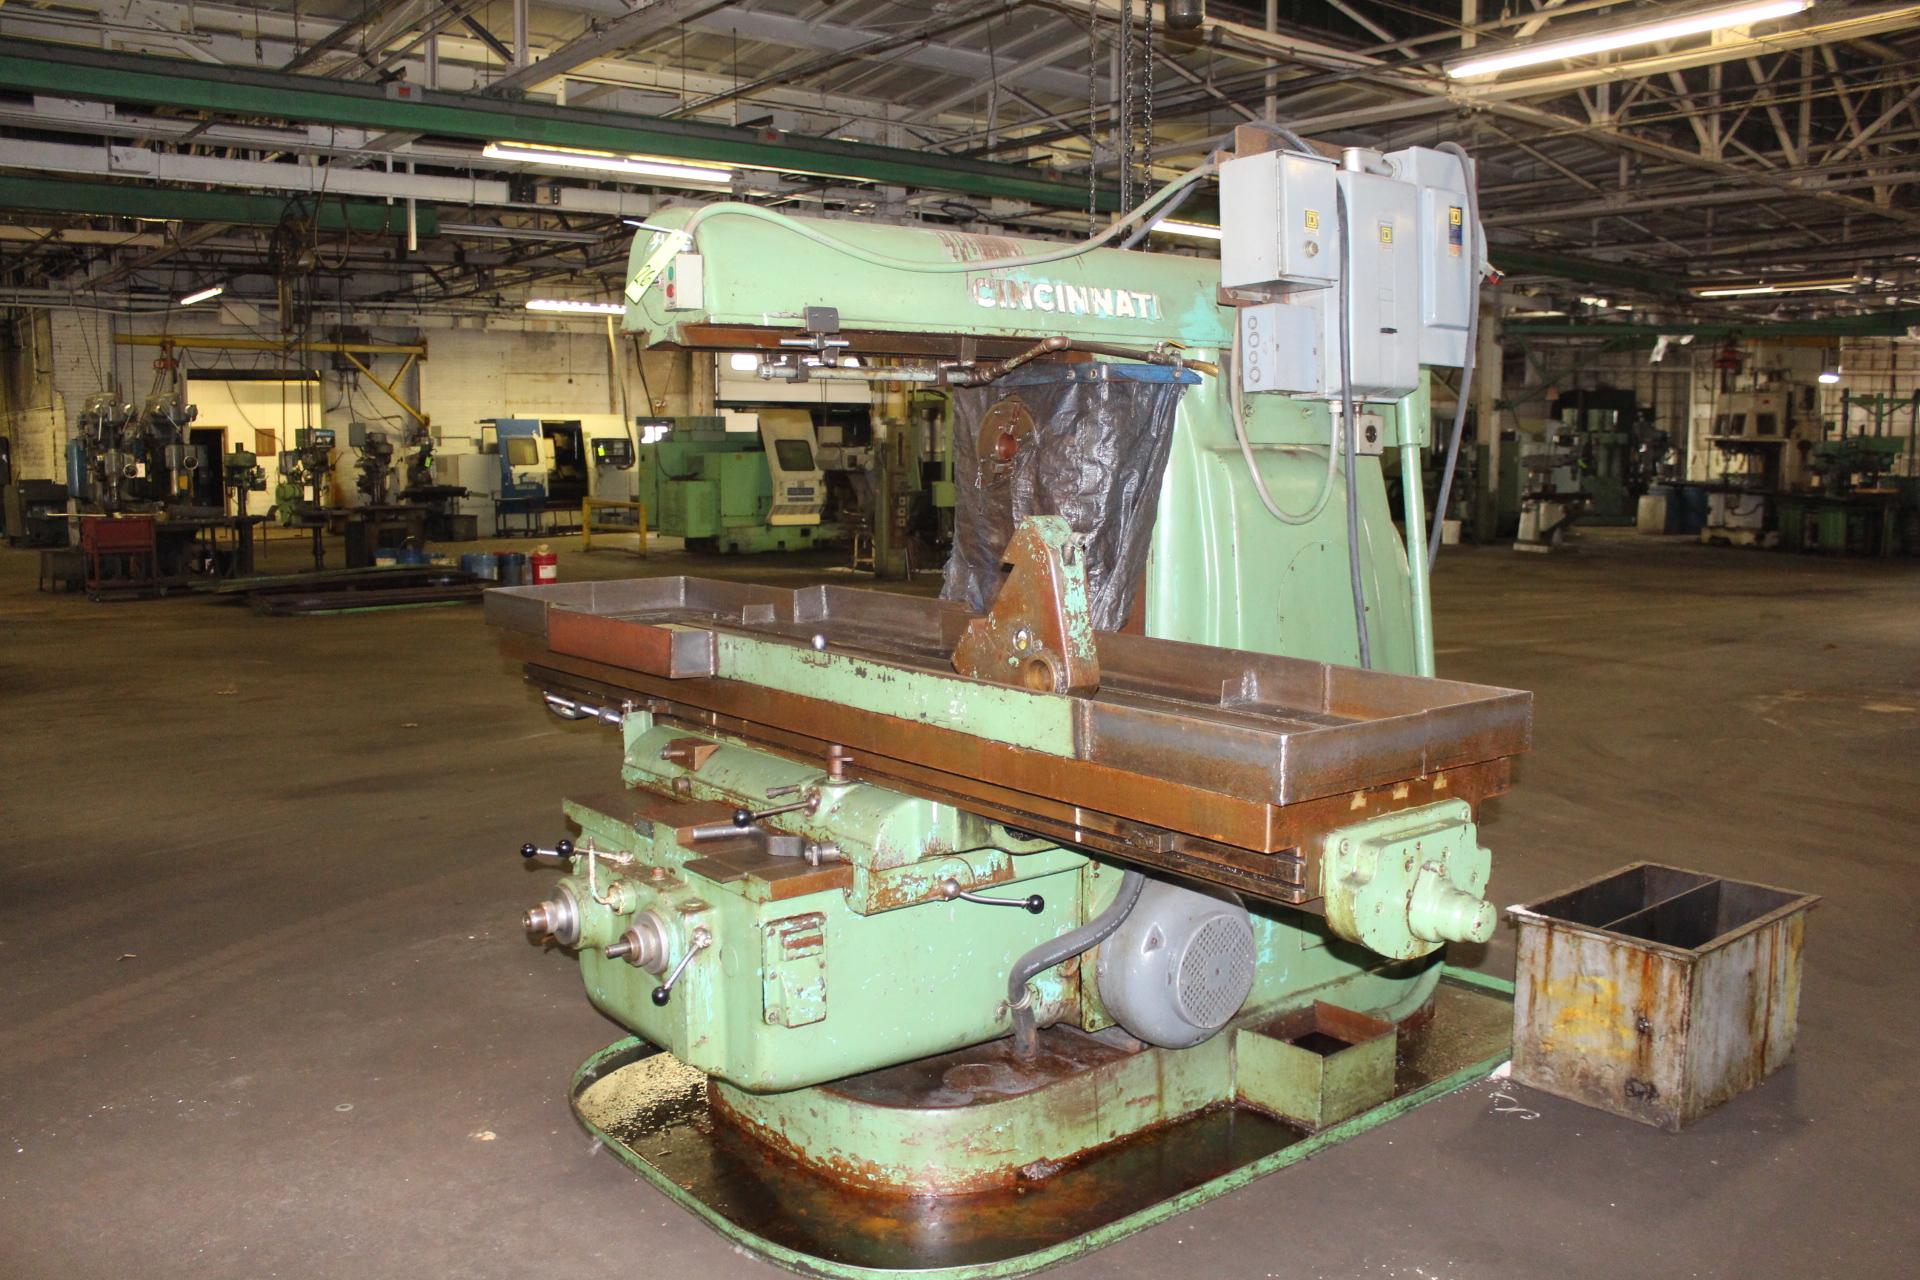 Lot 26 - Cincinnati No. 5 Dial Type Plain Horizontal Milling Machine